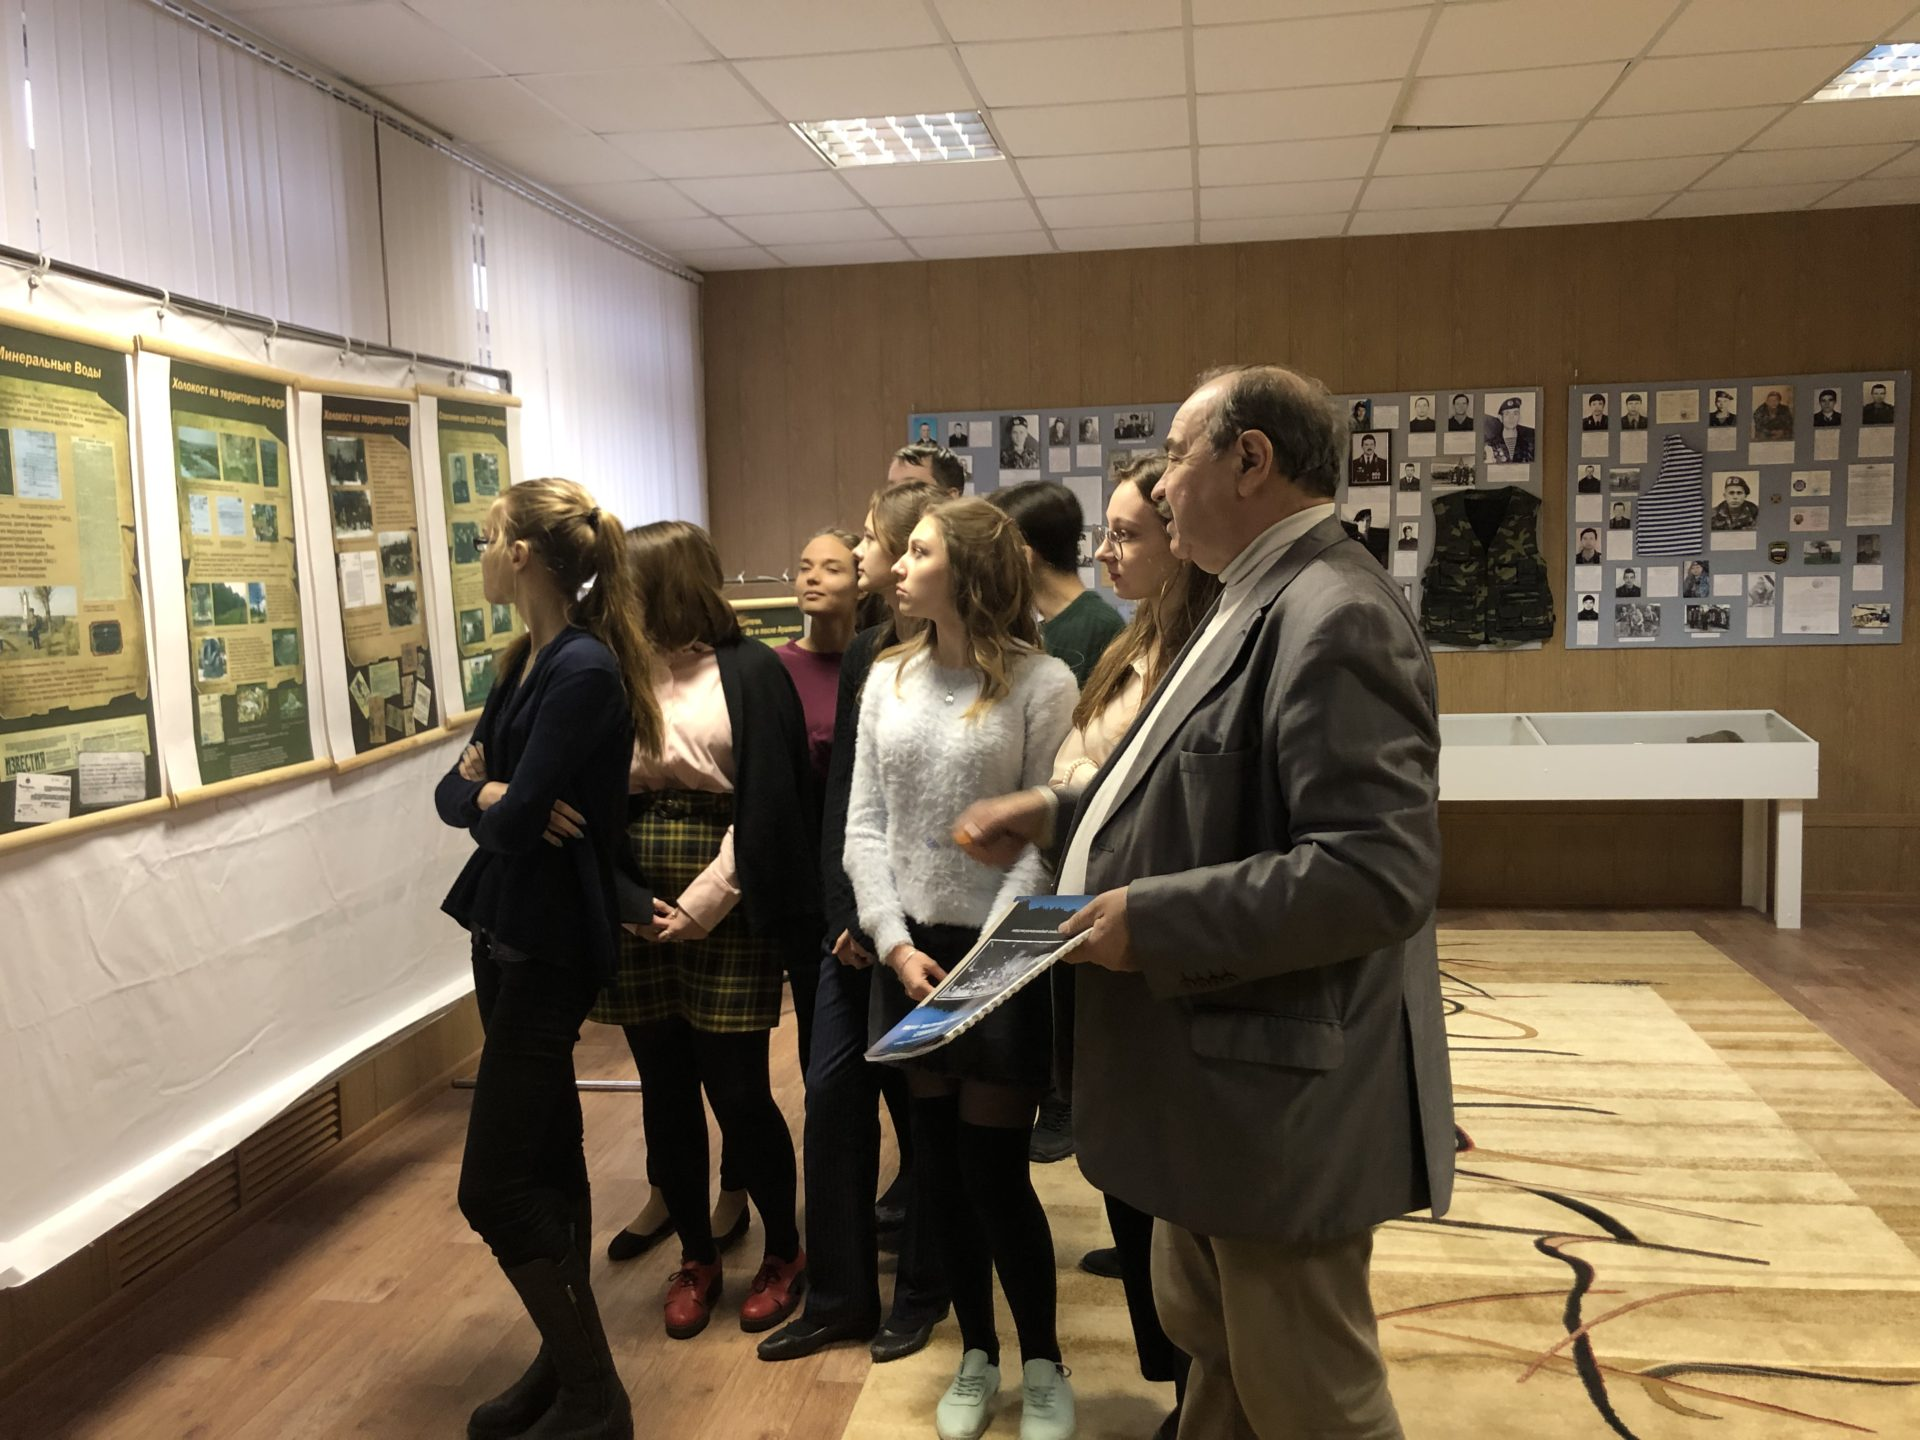 Выставка: «Холокост: уничтожение, освобождение, спасение» — в Центре образования № 13 города Тамбова